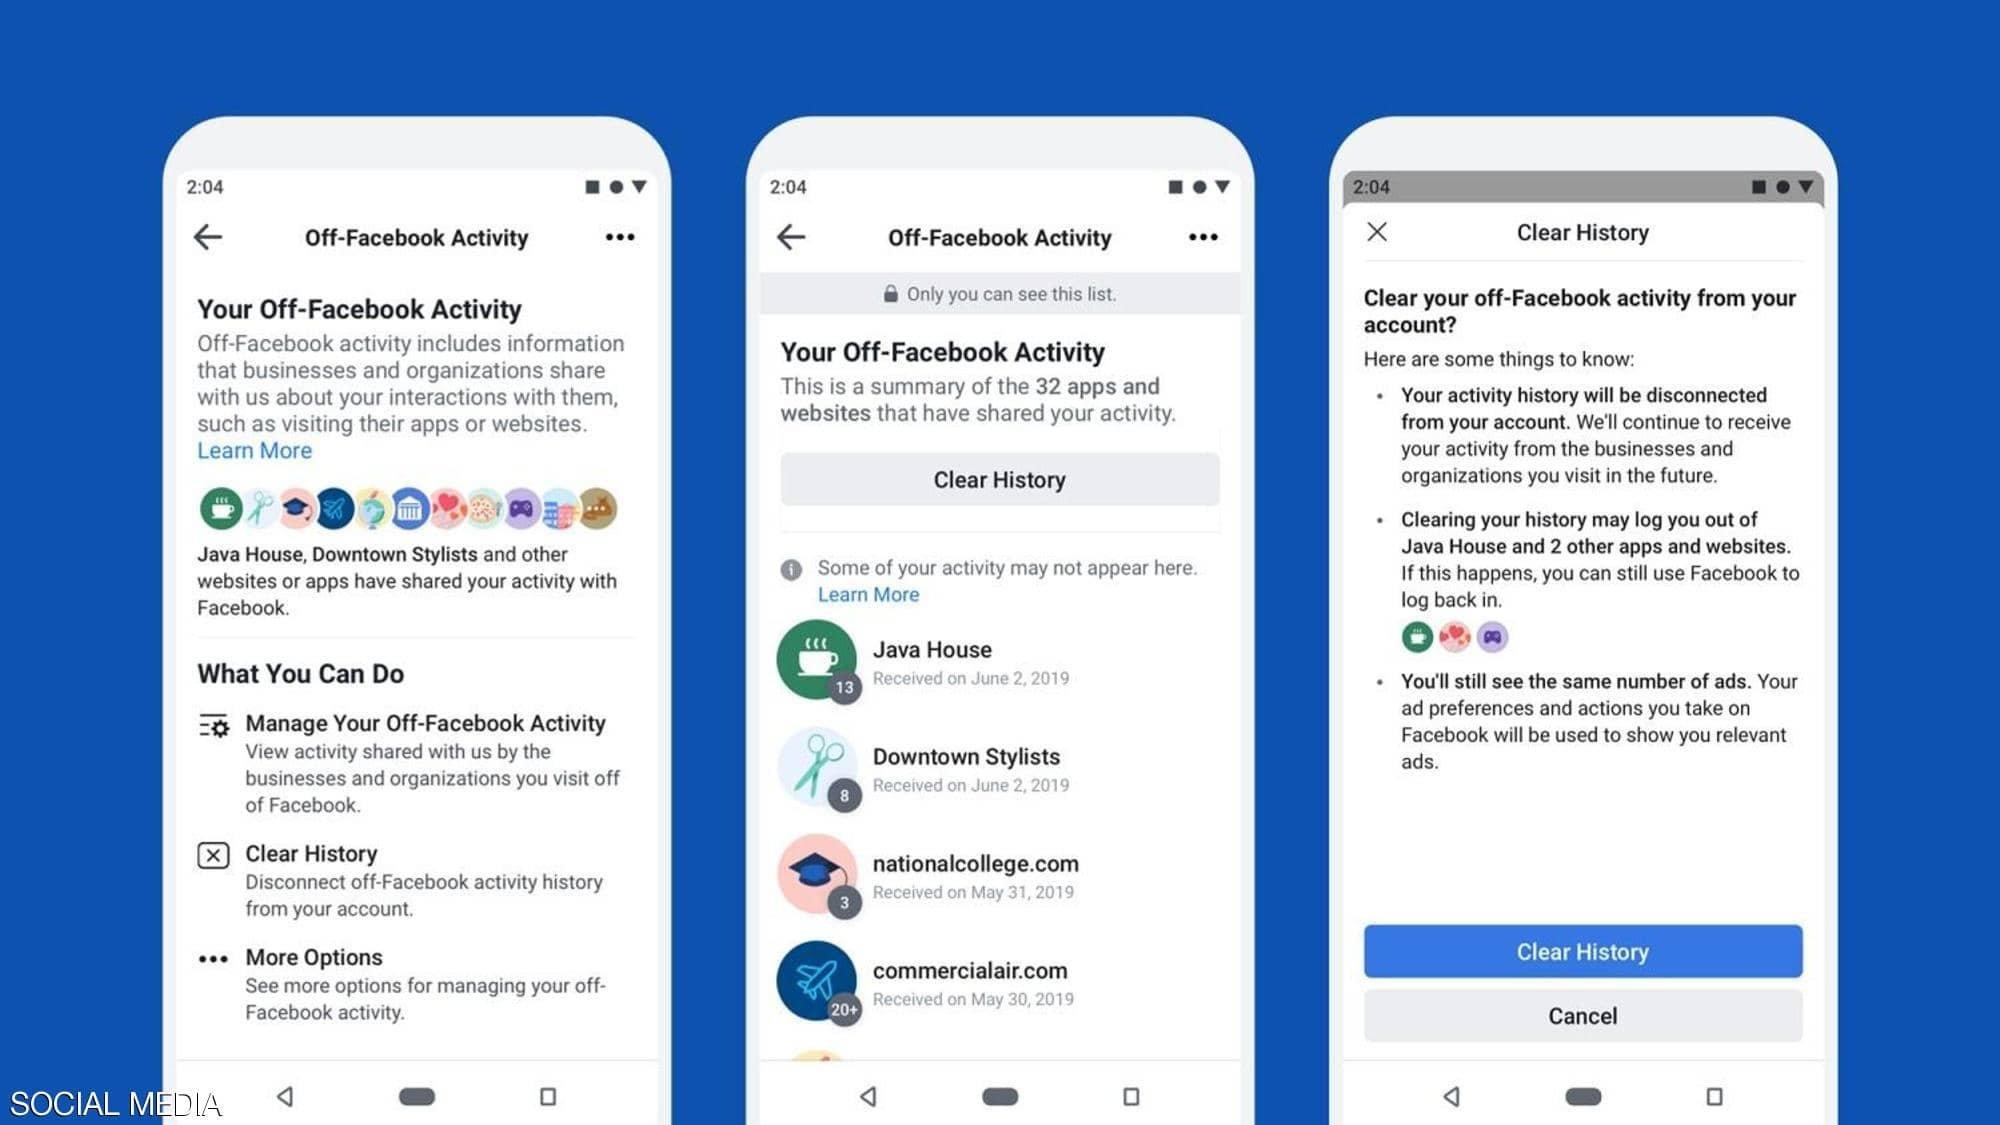 لحماية الخصوصية.. فيسبوك تطلق رسميا ميزة طال انتظارها